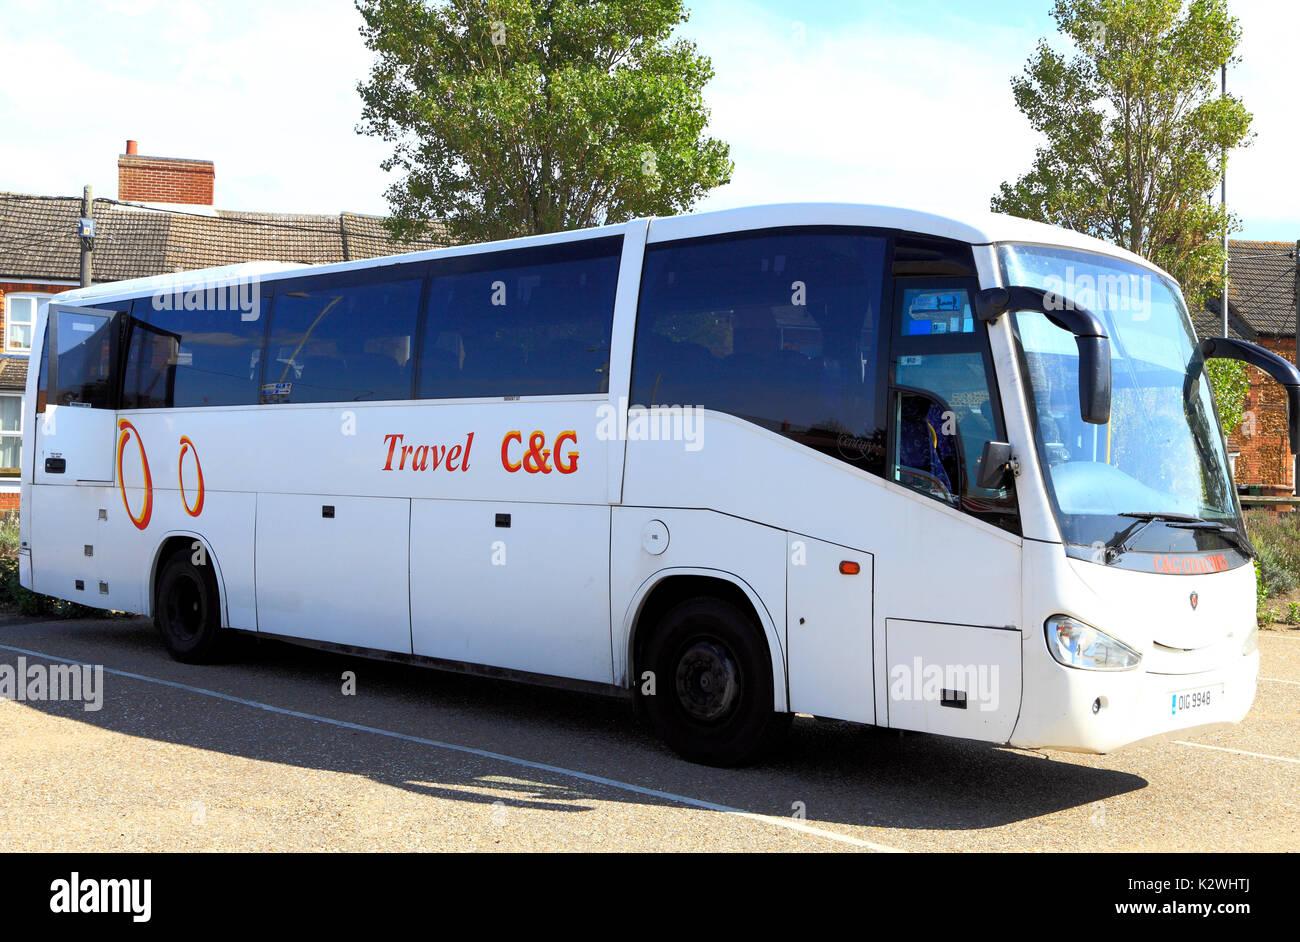 C&G, C & G, voyage en bus, autocars, excursions, voyage, excursion, excursions, vacances, vacances, société, entreprises, England, UK Photo Stock